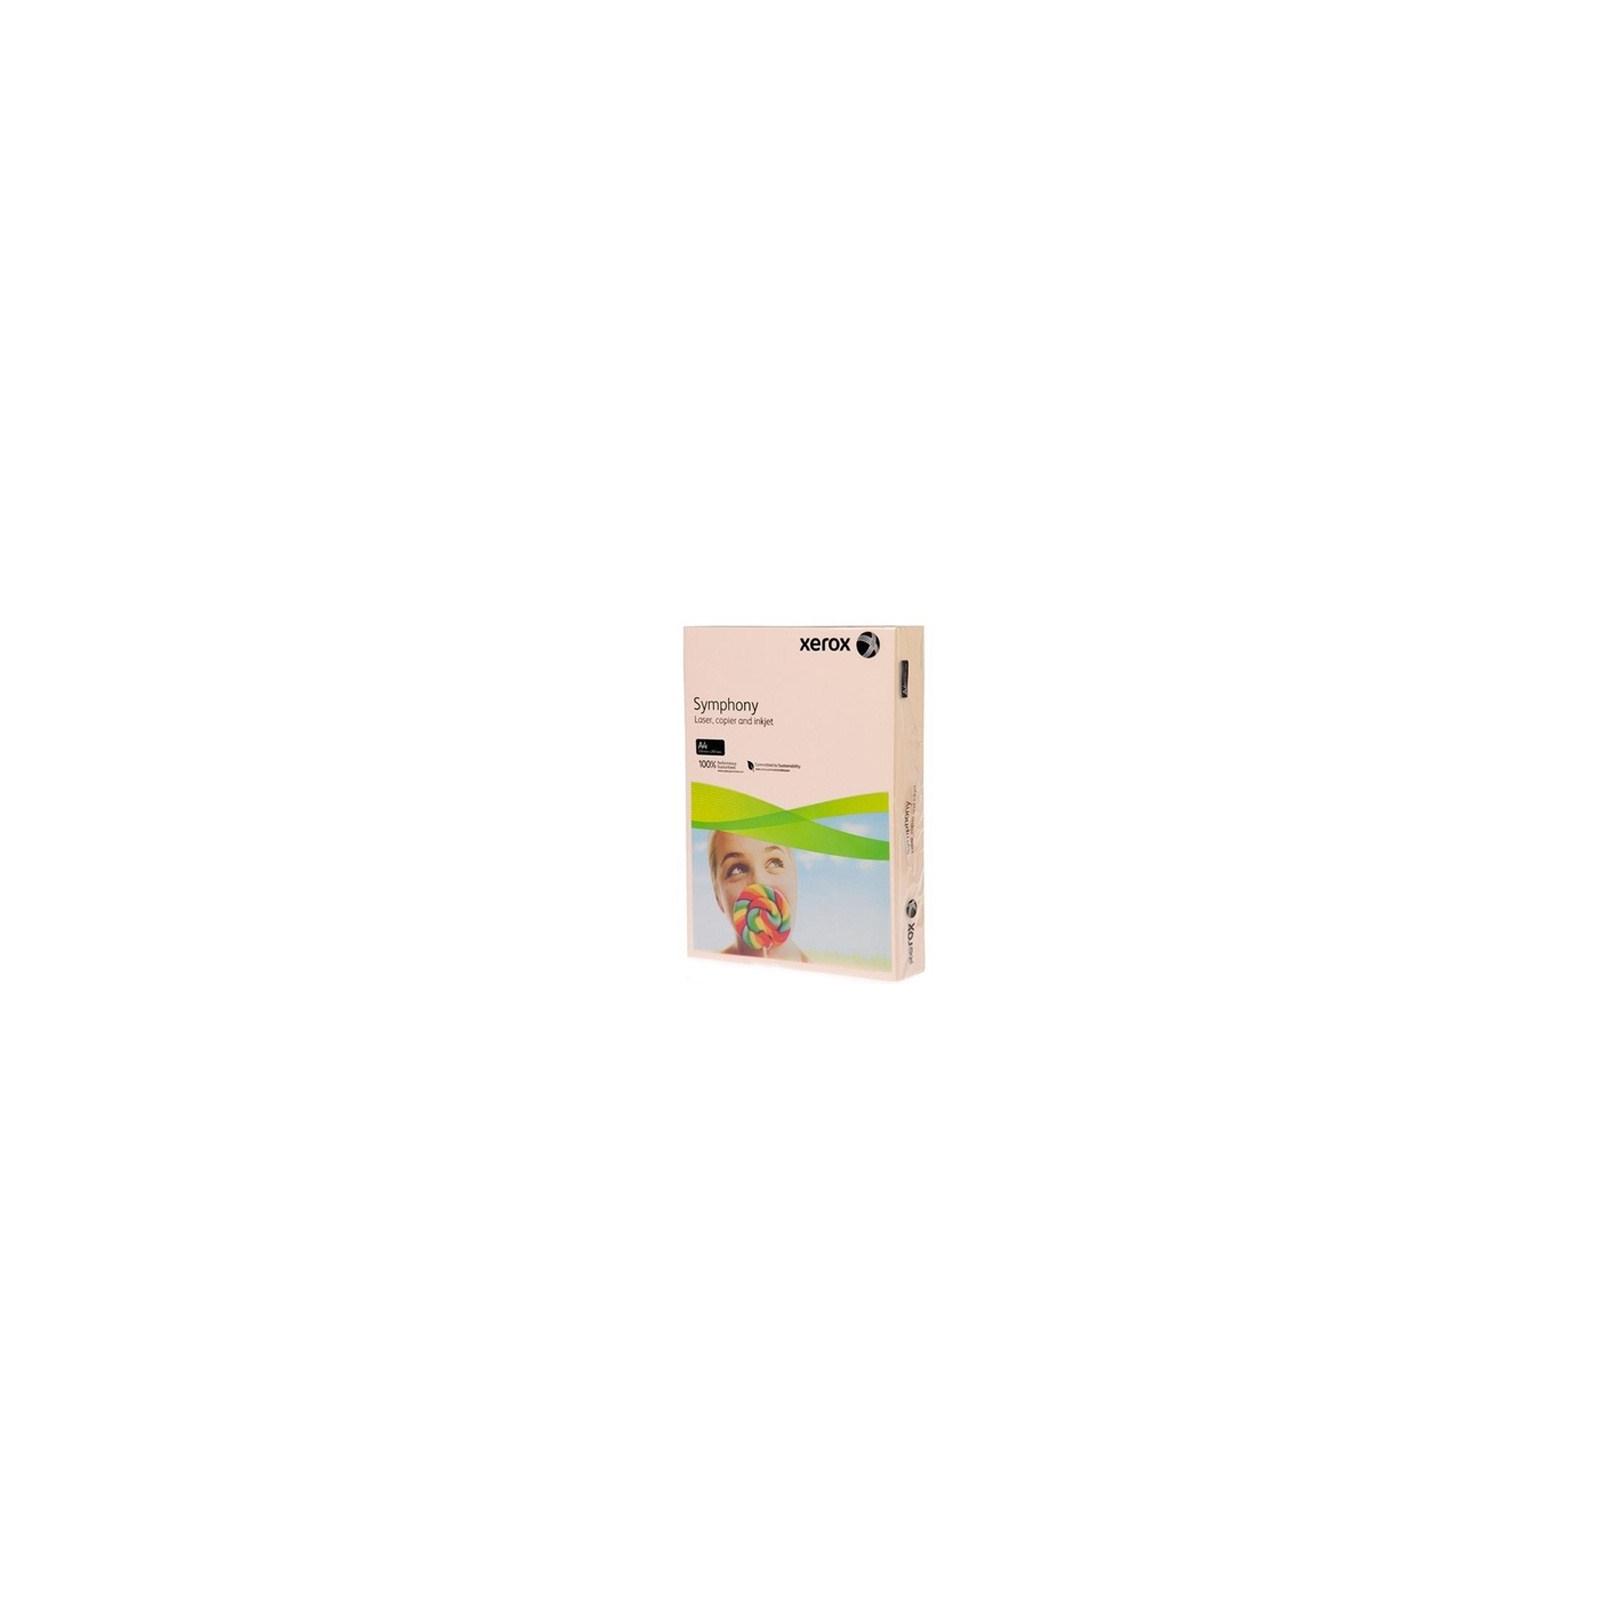 Бумага XEROX A4 SYMPHONY Pastel Salmon (003R93230)